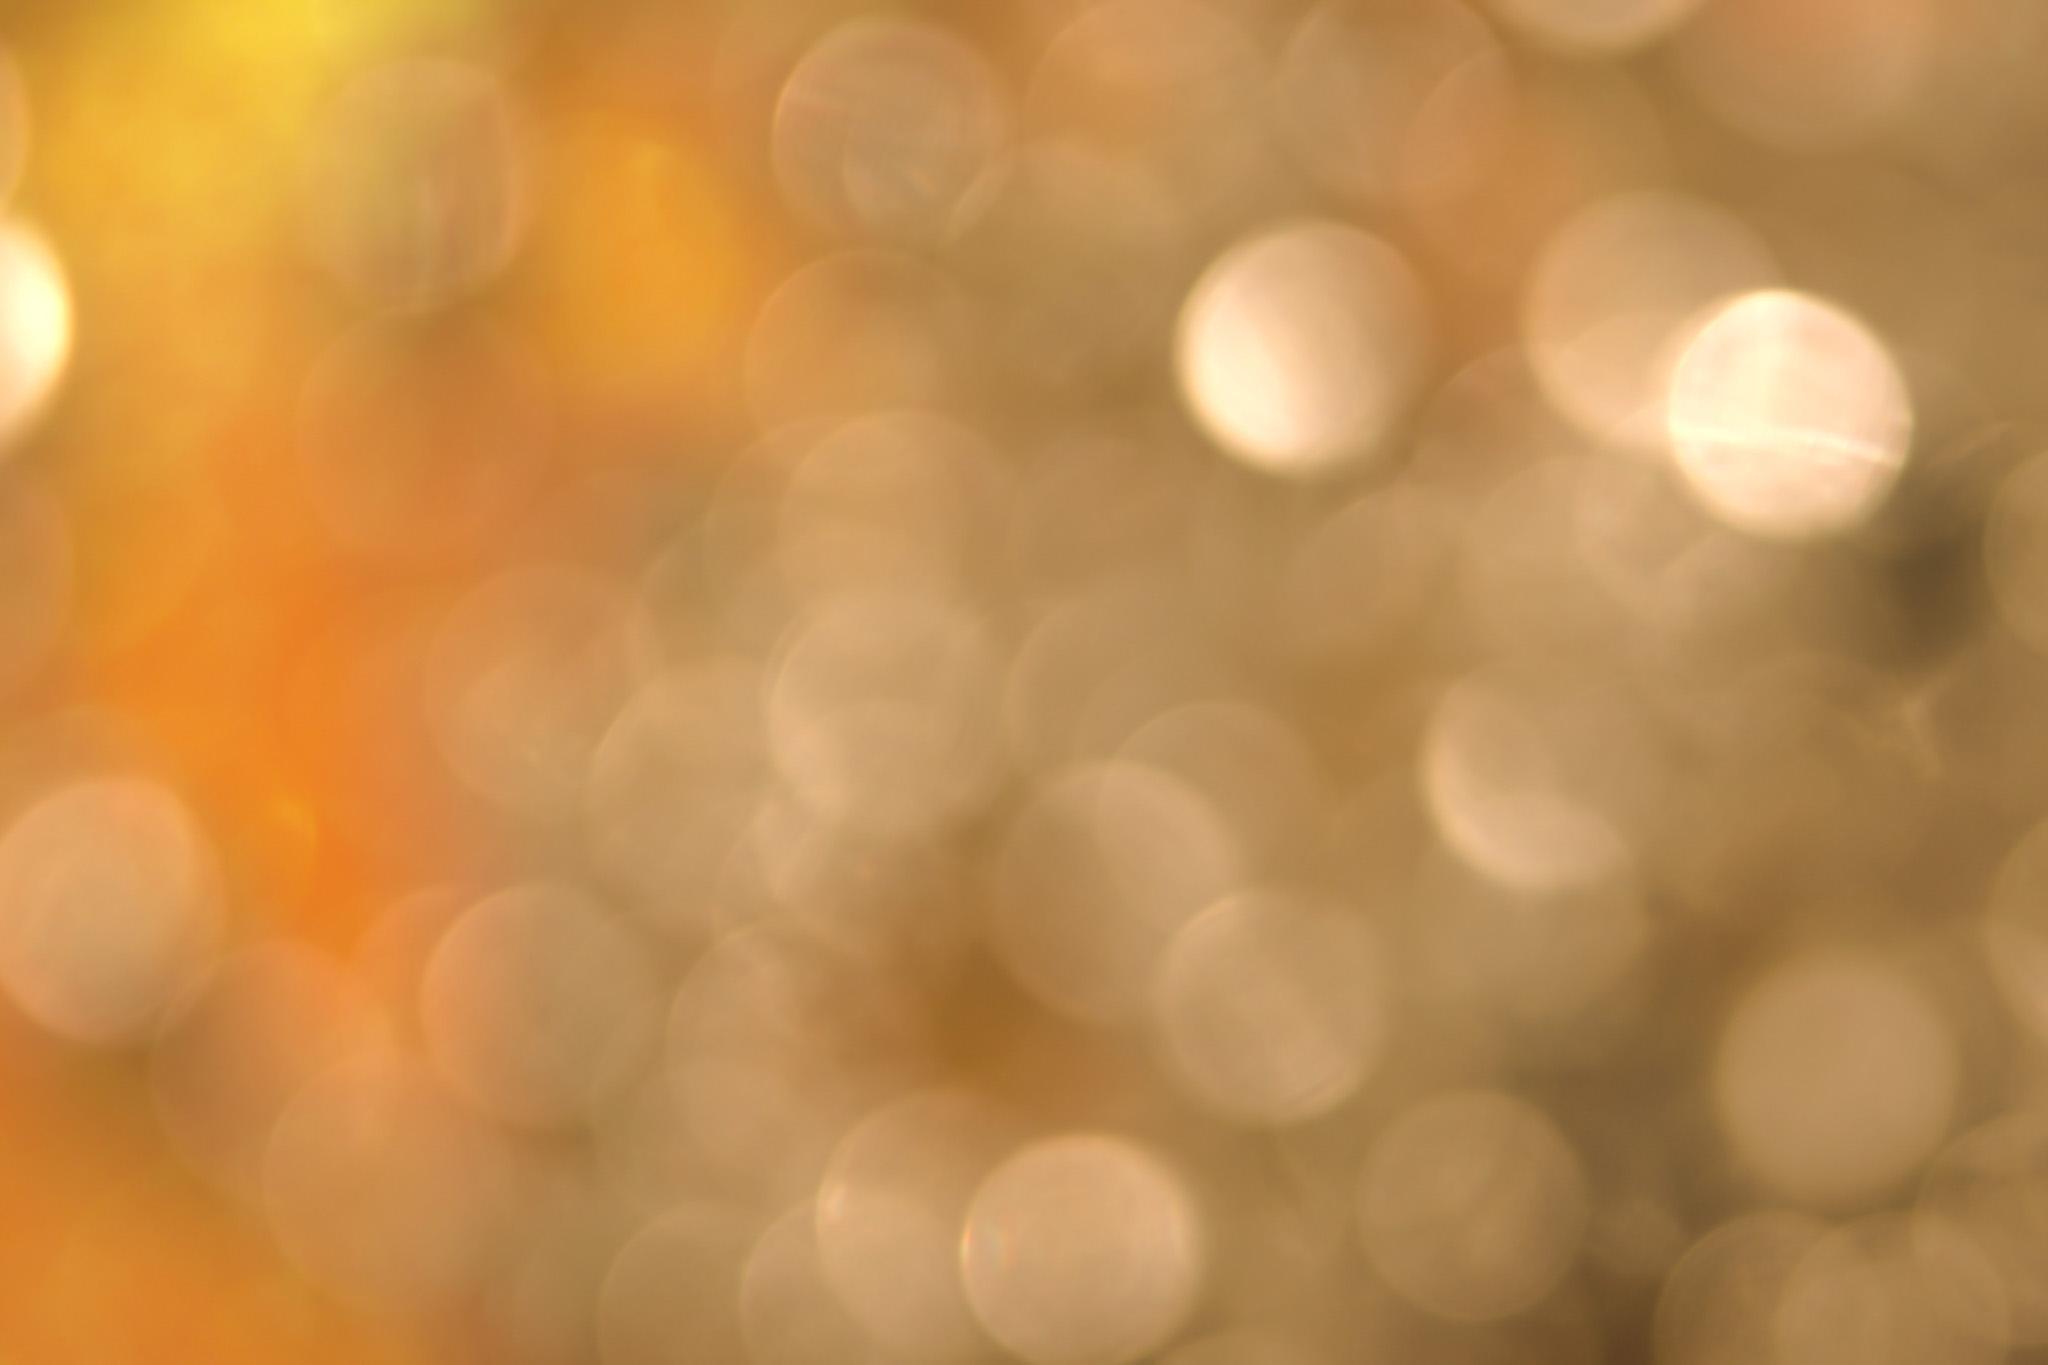 「暖かい明かりに包まれる」の素材を無料ダウンロード